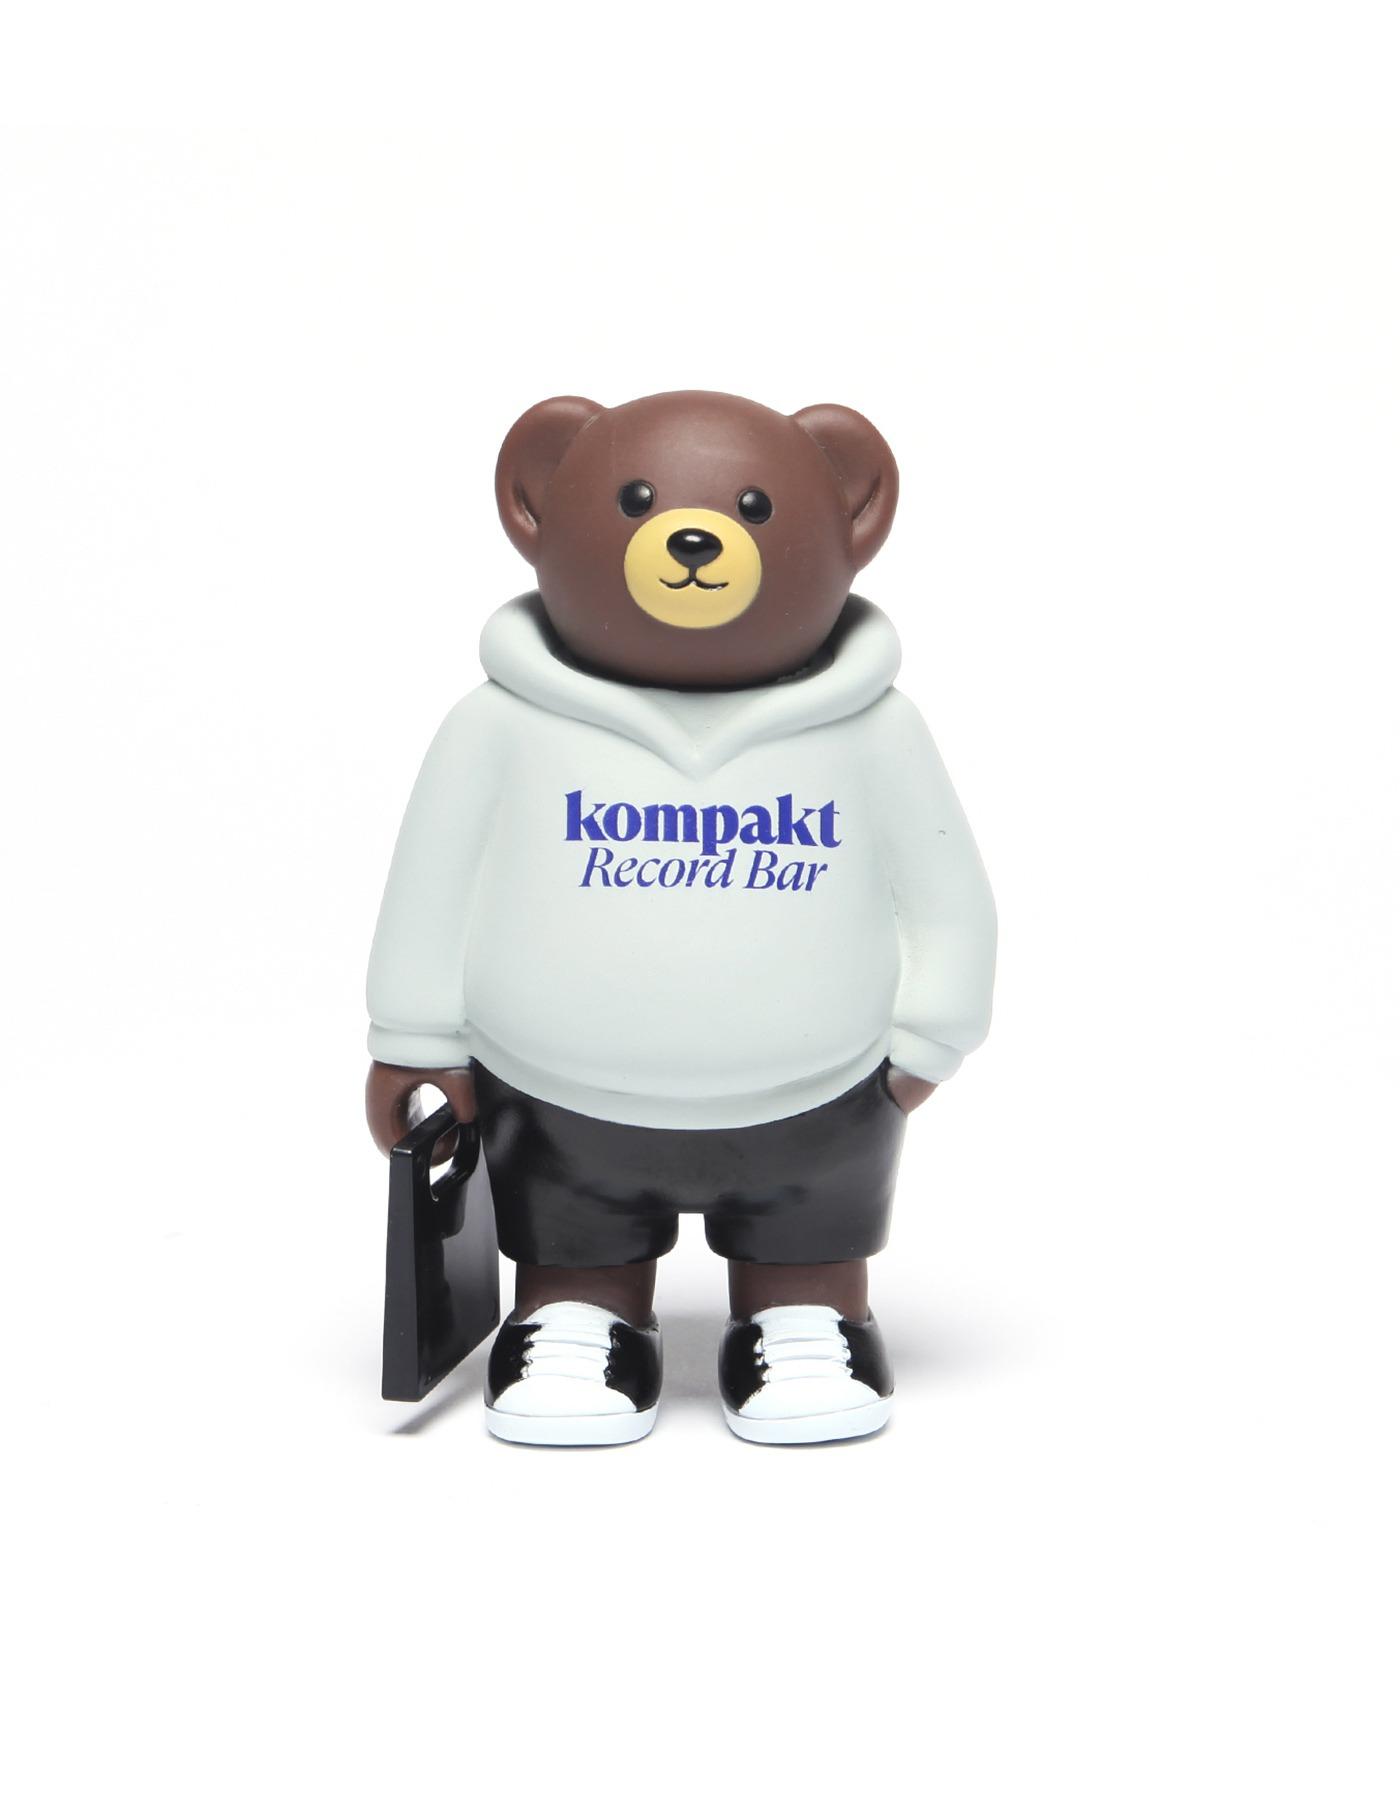 INTERBREED x KOMPAKT RECORD BAR x DISK UNION BEAR FIGURE